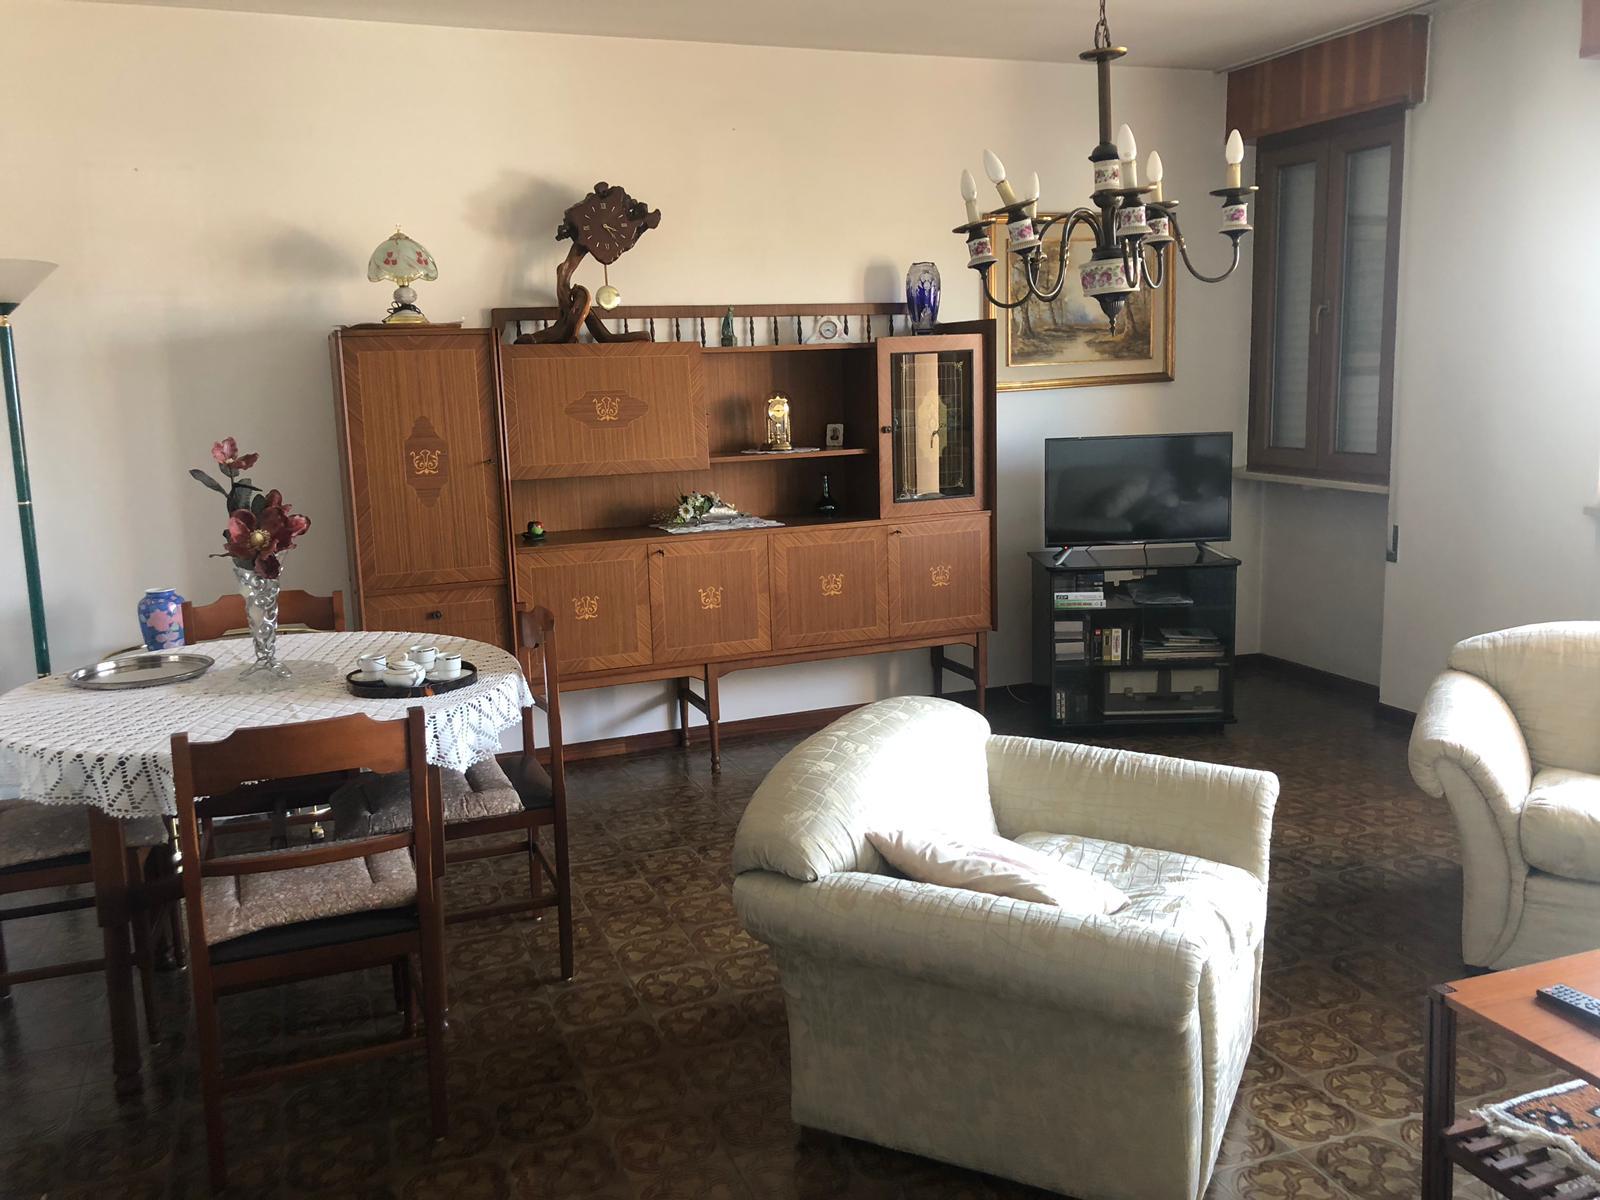 Appartamento in vendita a Pasian di Prato, 3 locali, prezzo € 120.000 | CambioCasa.it